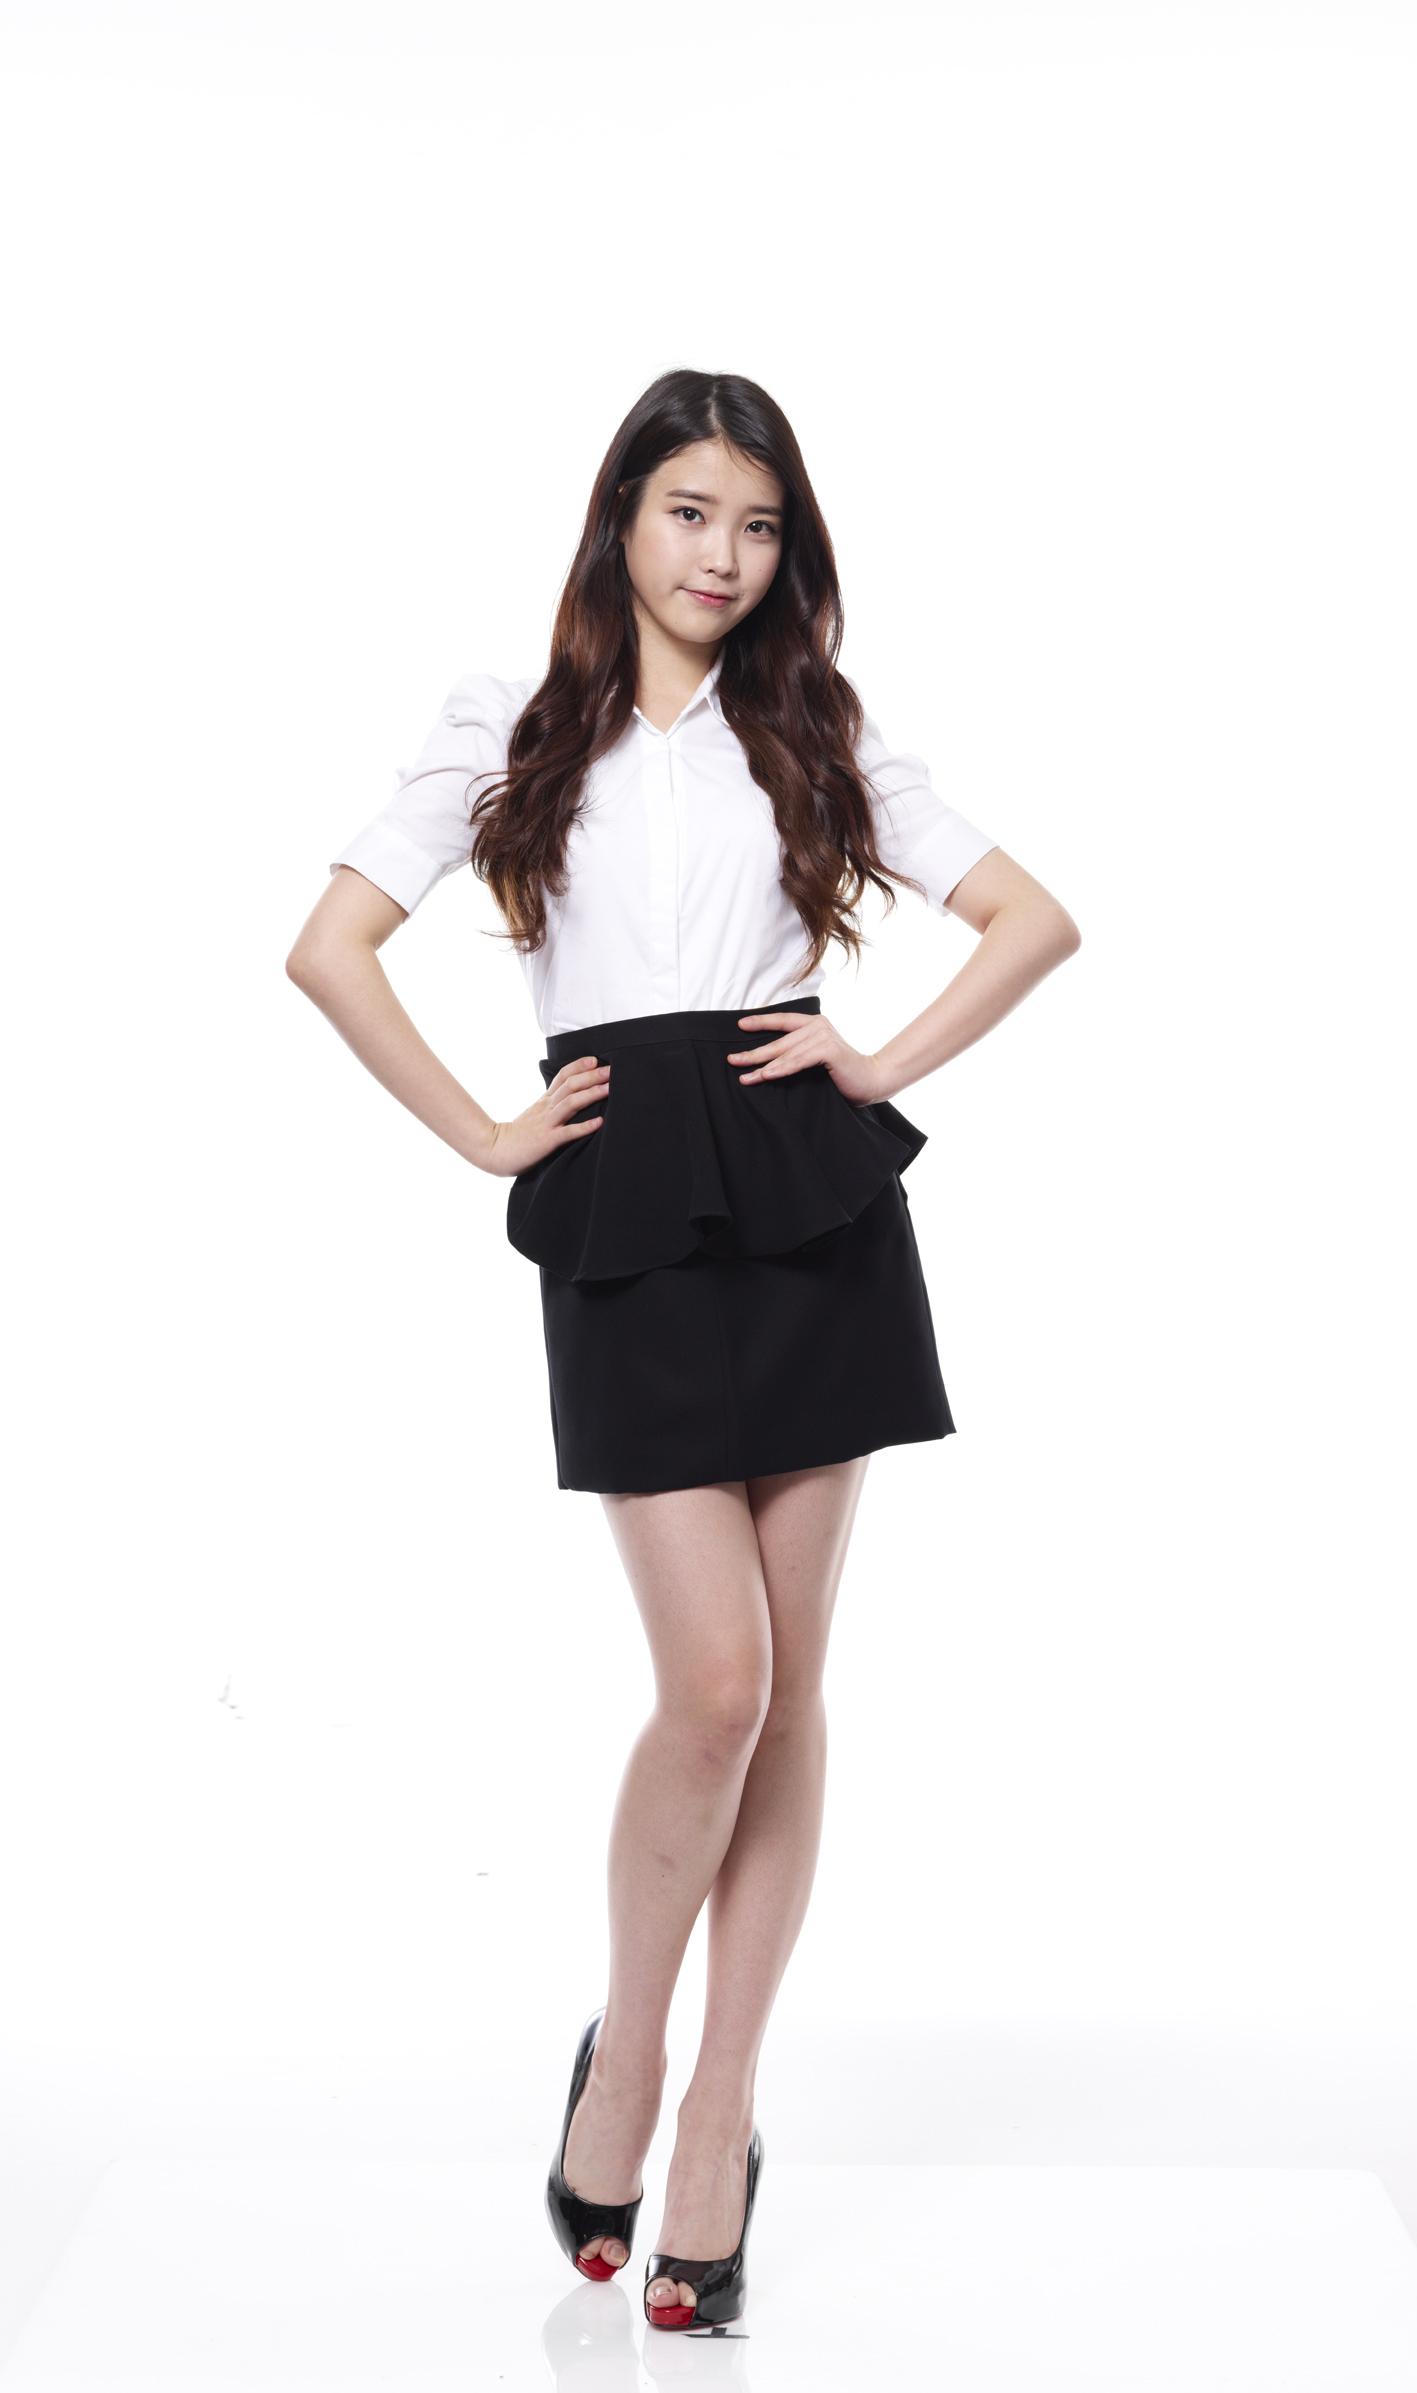 tags k pop iu full body black skirt standing